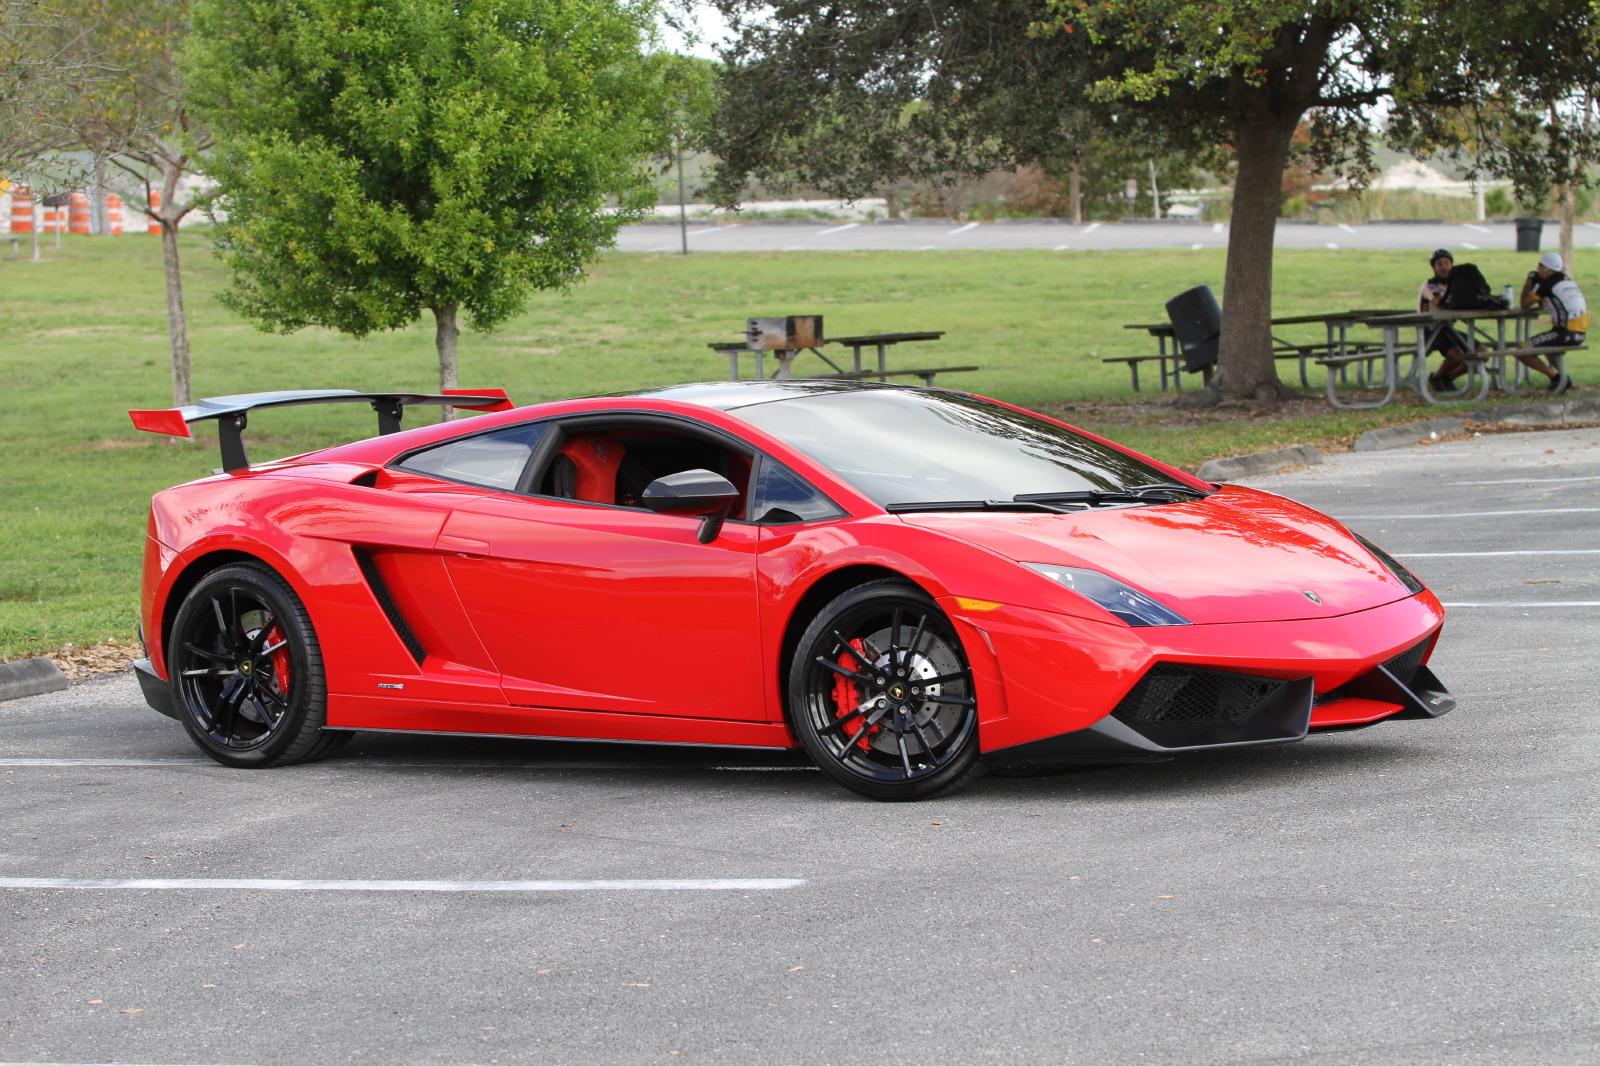 2012-lamborghini-lp570-4-super-trofeo-stradale-rosso-mars-006